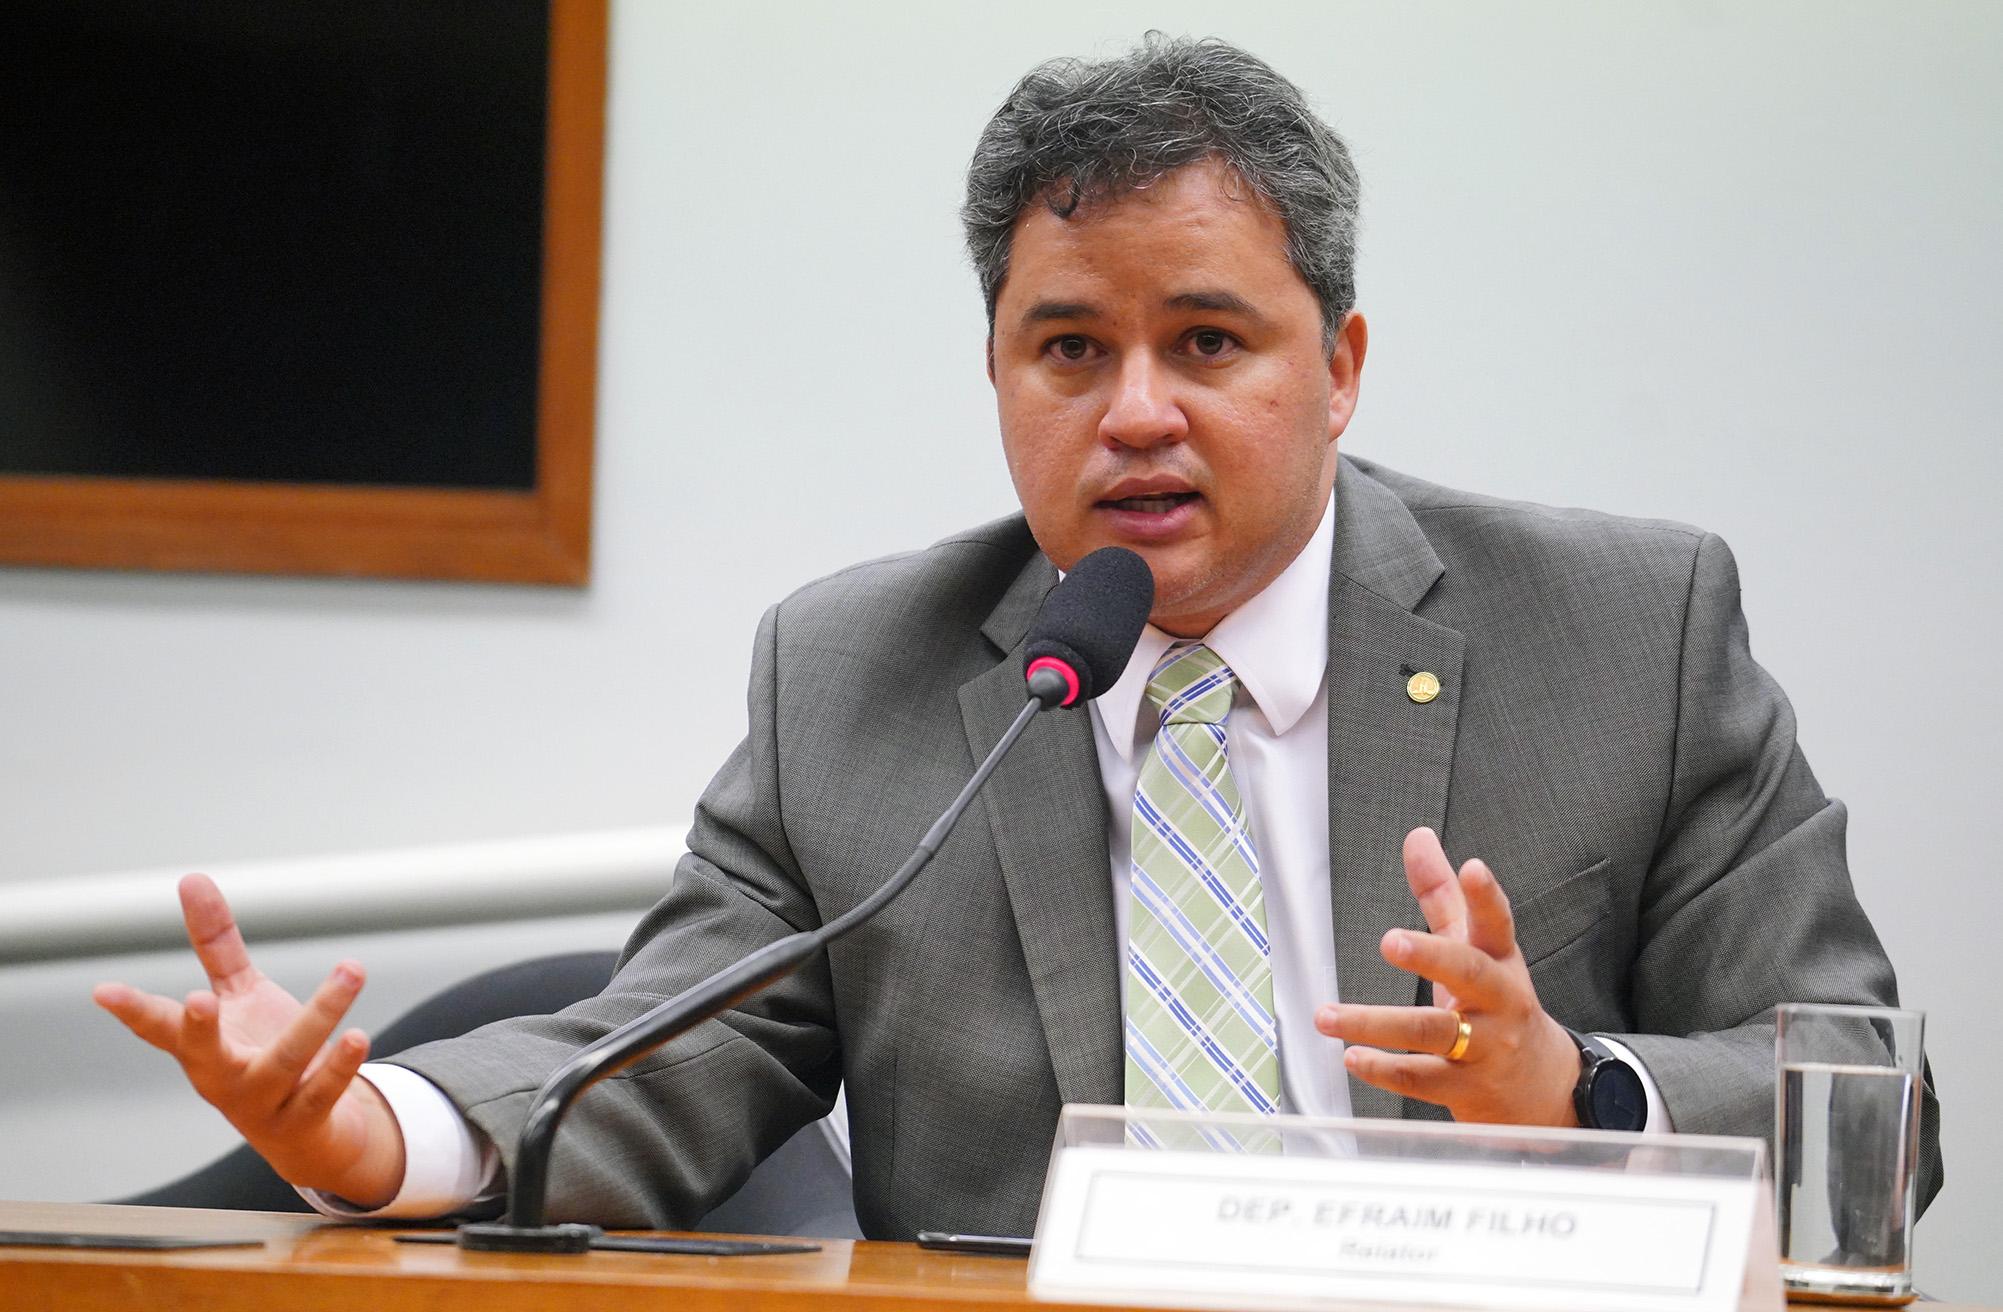 Reunião ordinária. Dep. Efraim Filho (DEM - PB)